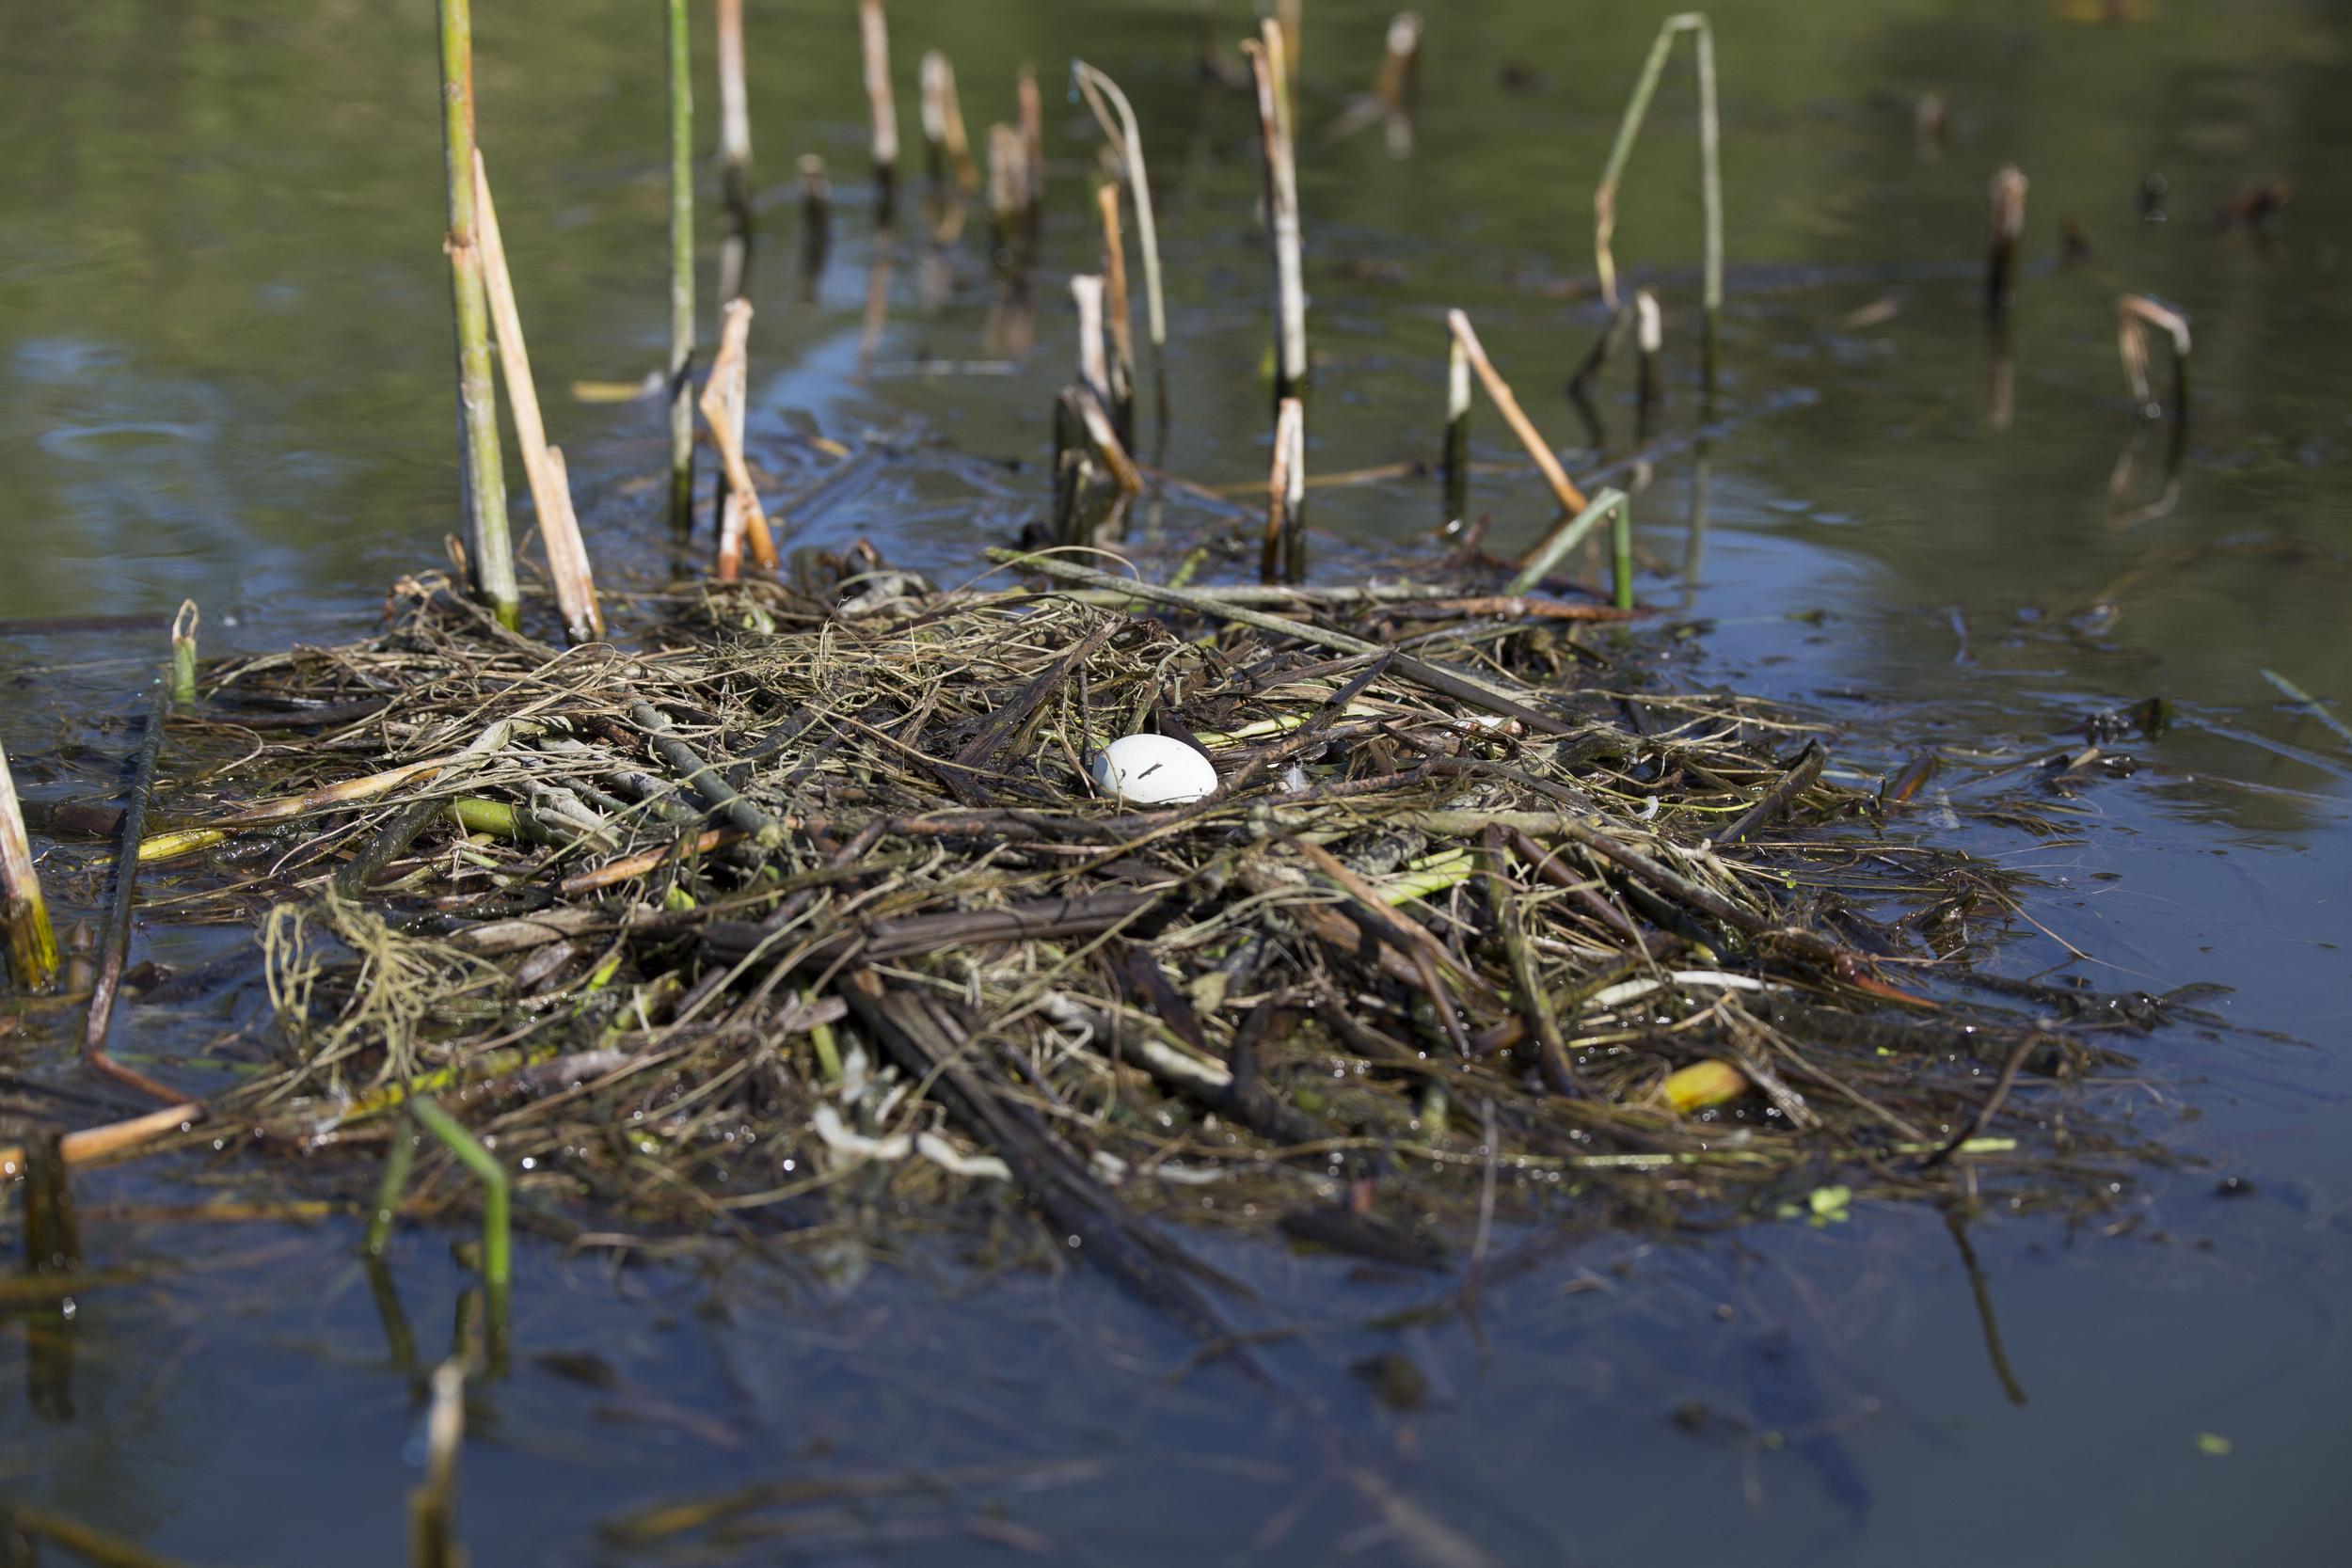 Grebe nest   image courtesy of Cathy Buse